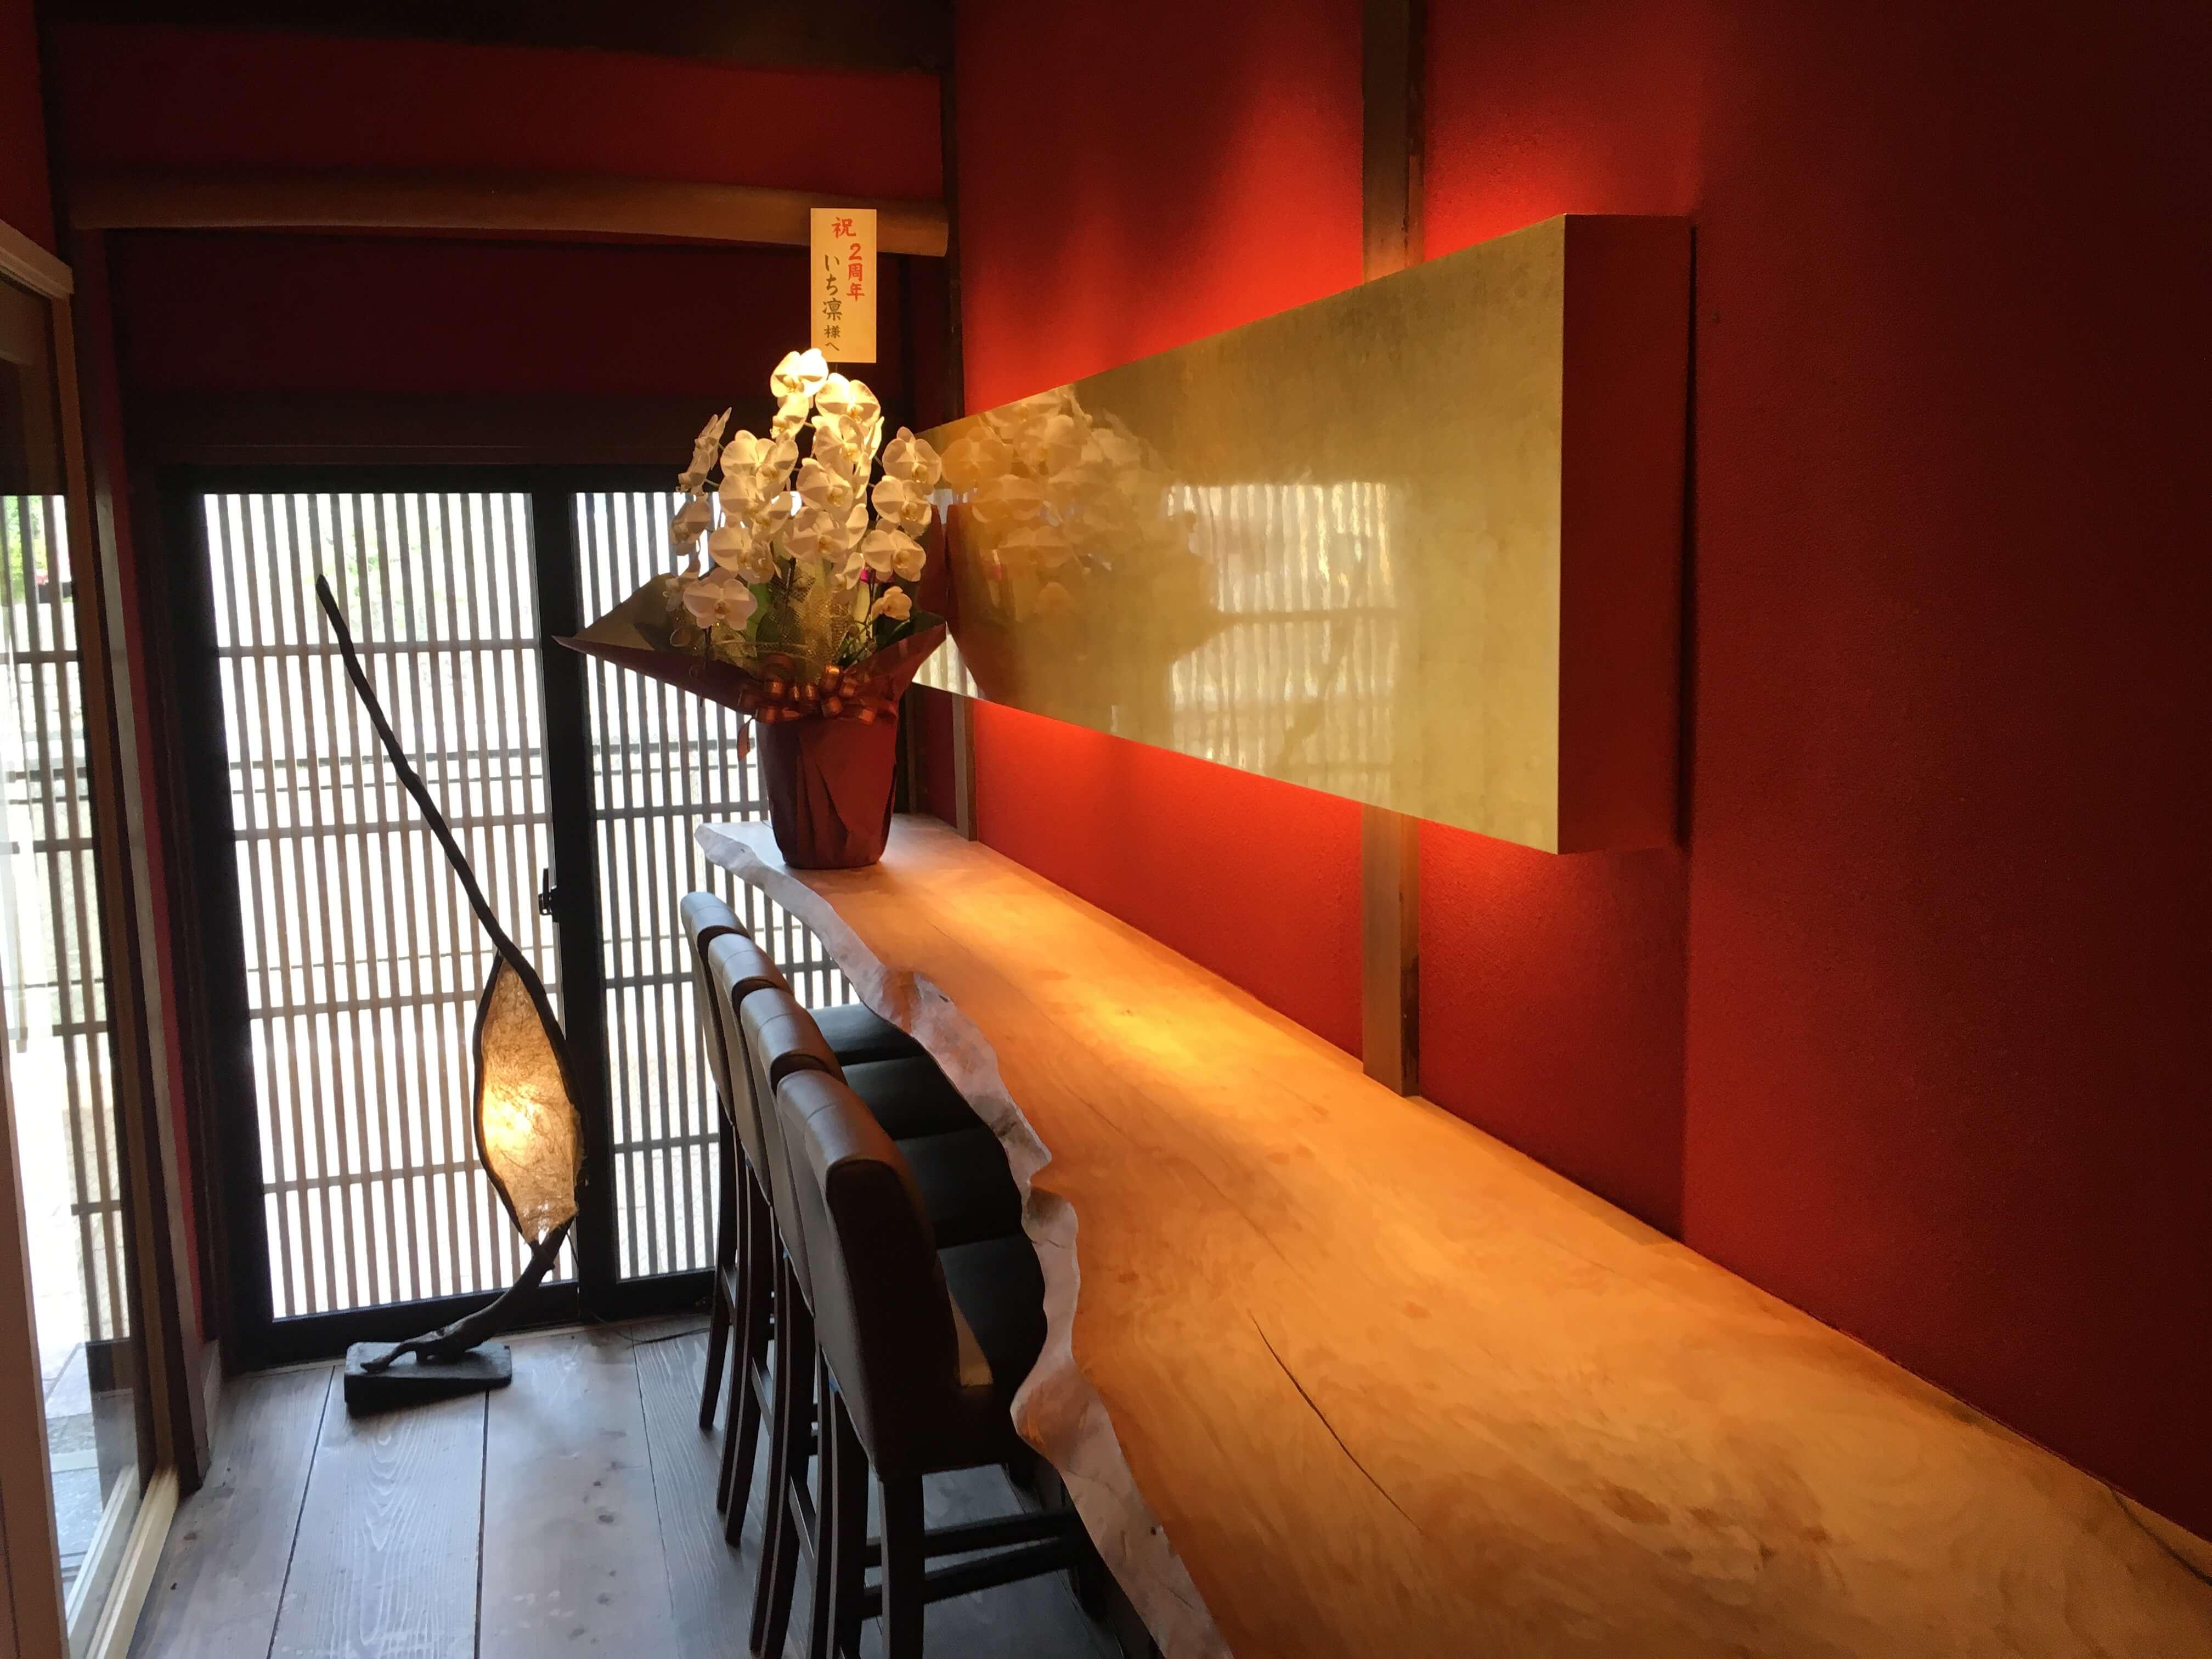 主計町『 いち凛 』。版画家クリフトン・カーフ氏の住まいをリノベーションした日本料理店で贅沢ランチ